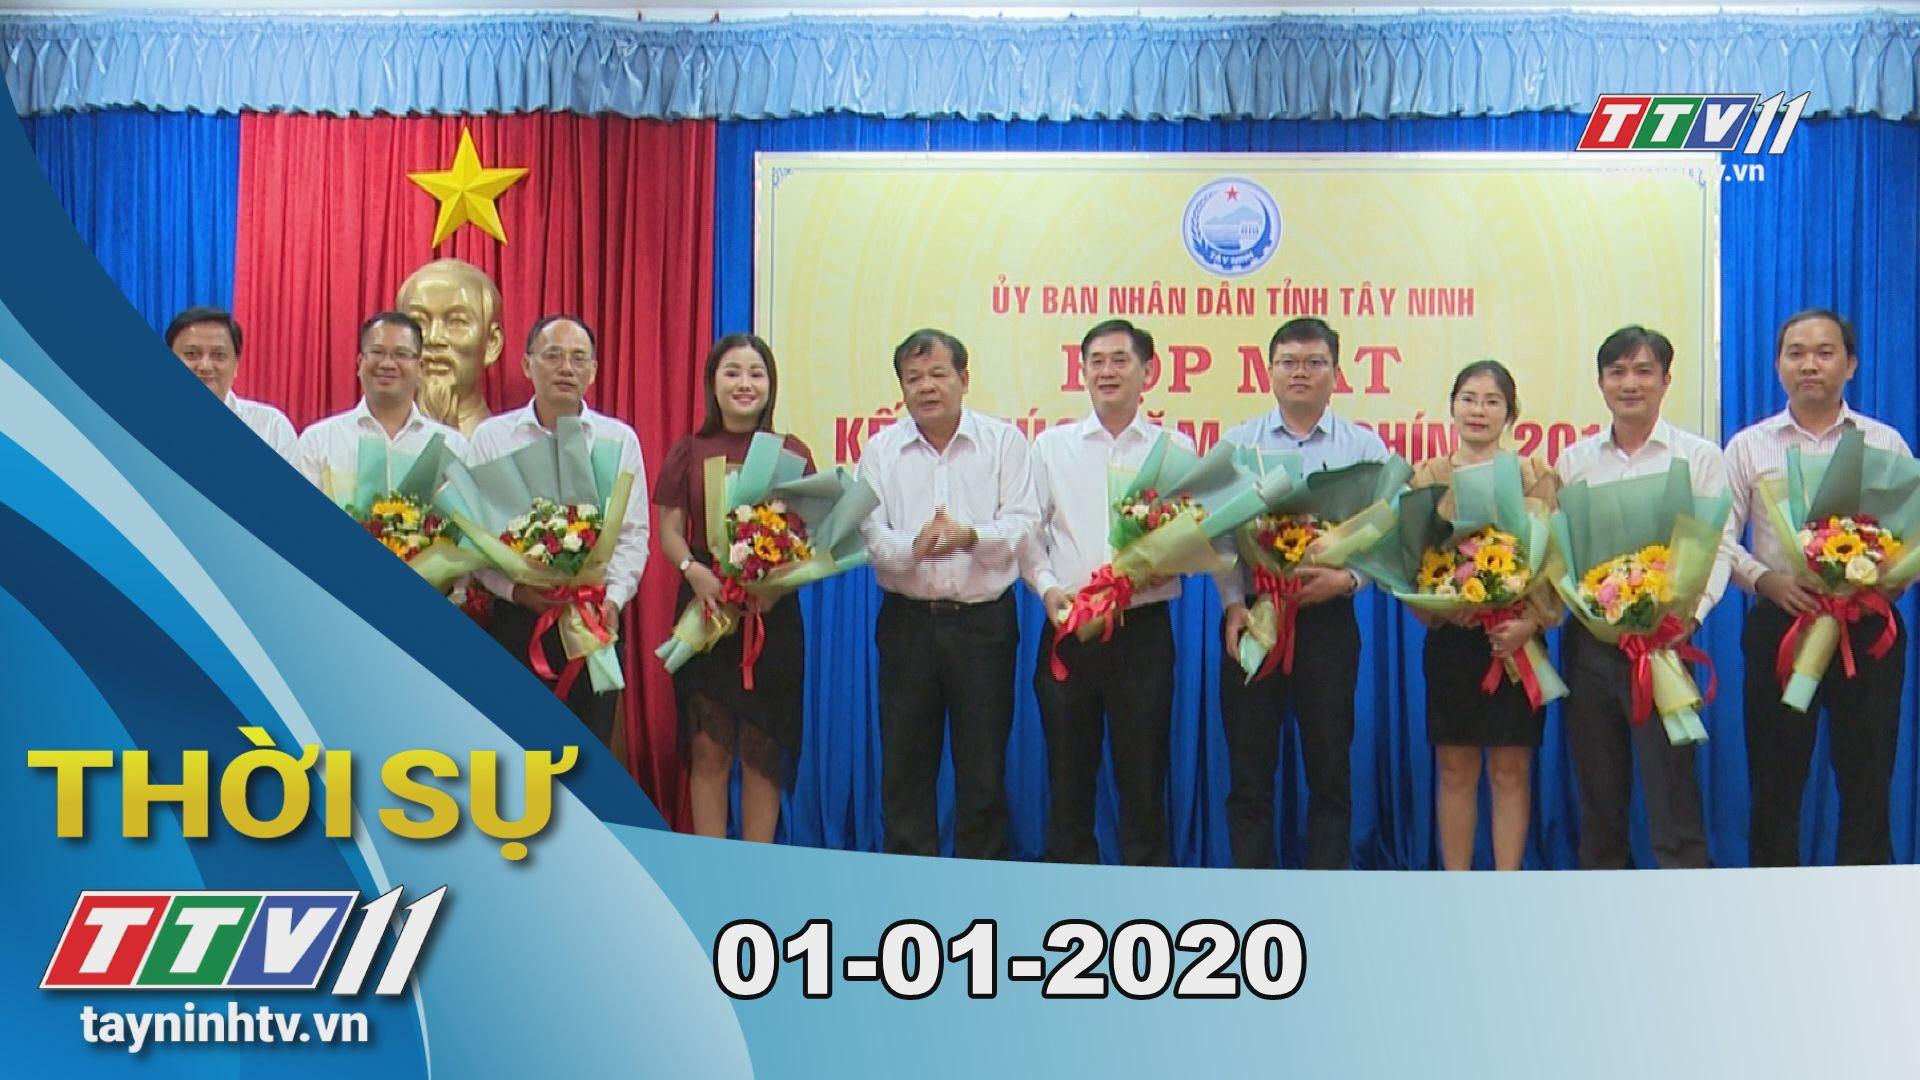 Thời sự Tây Ninh 01-01-2020 | Tin tức hôm nay | TayNinhTV